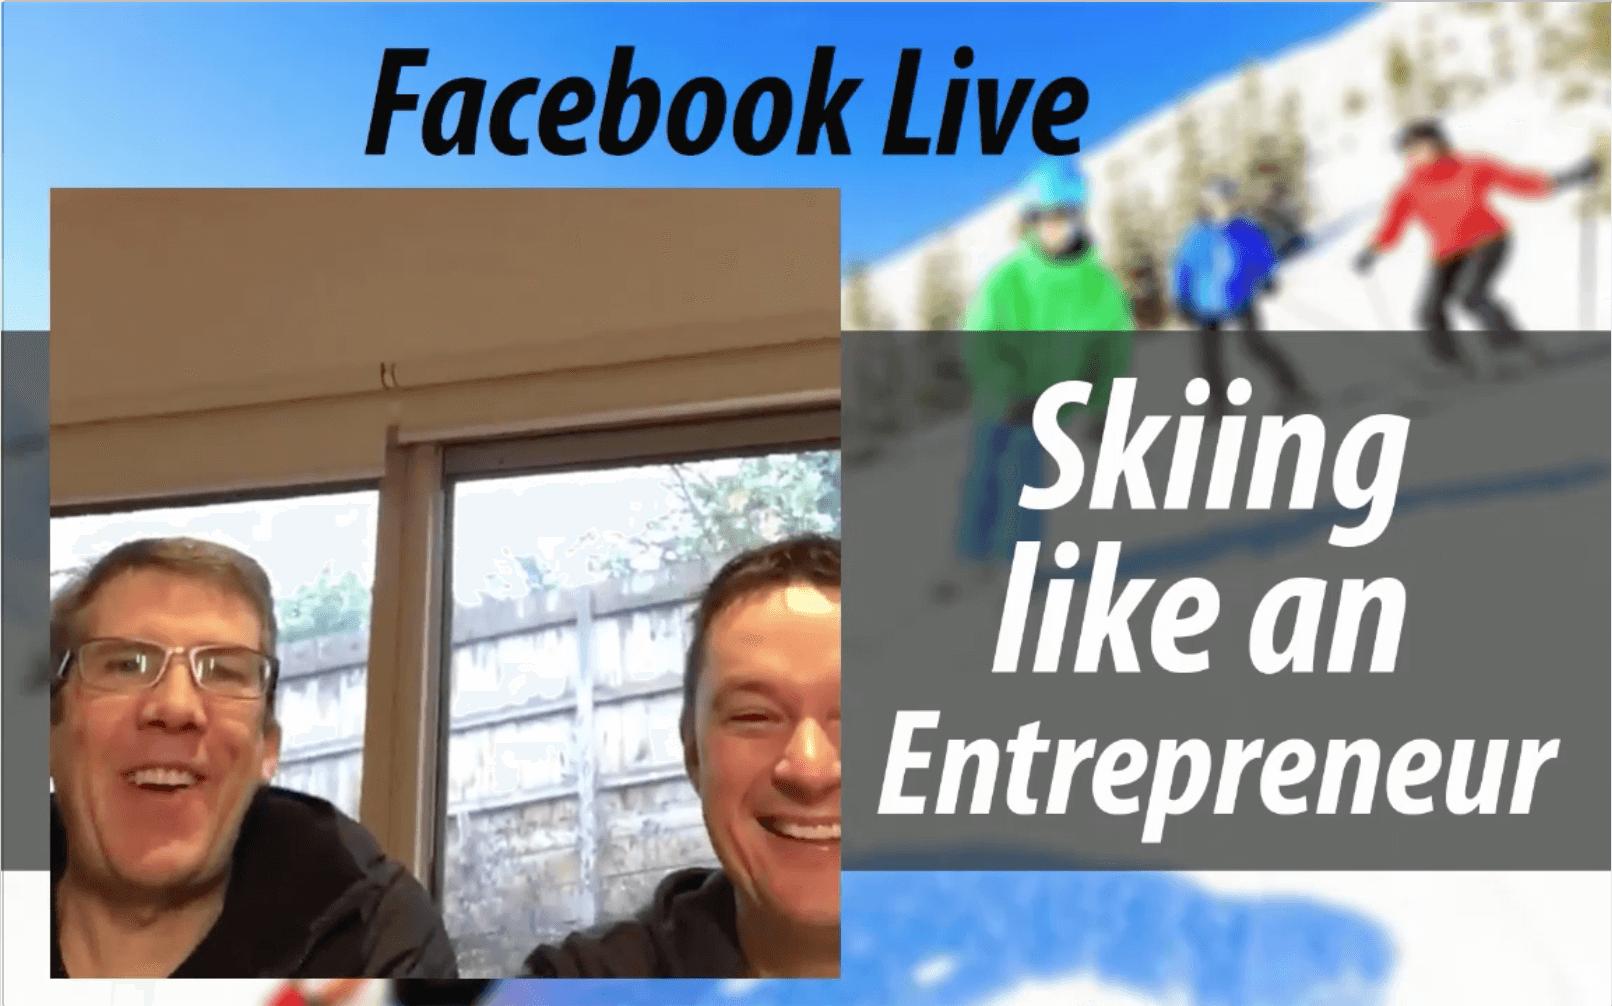 Skiing like an Entrepreneur